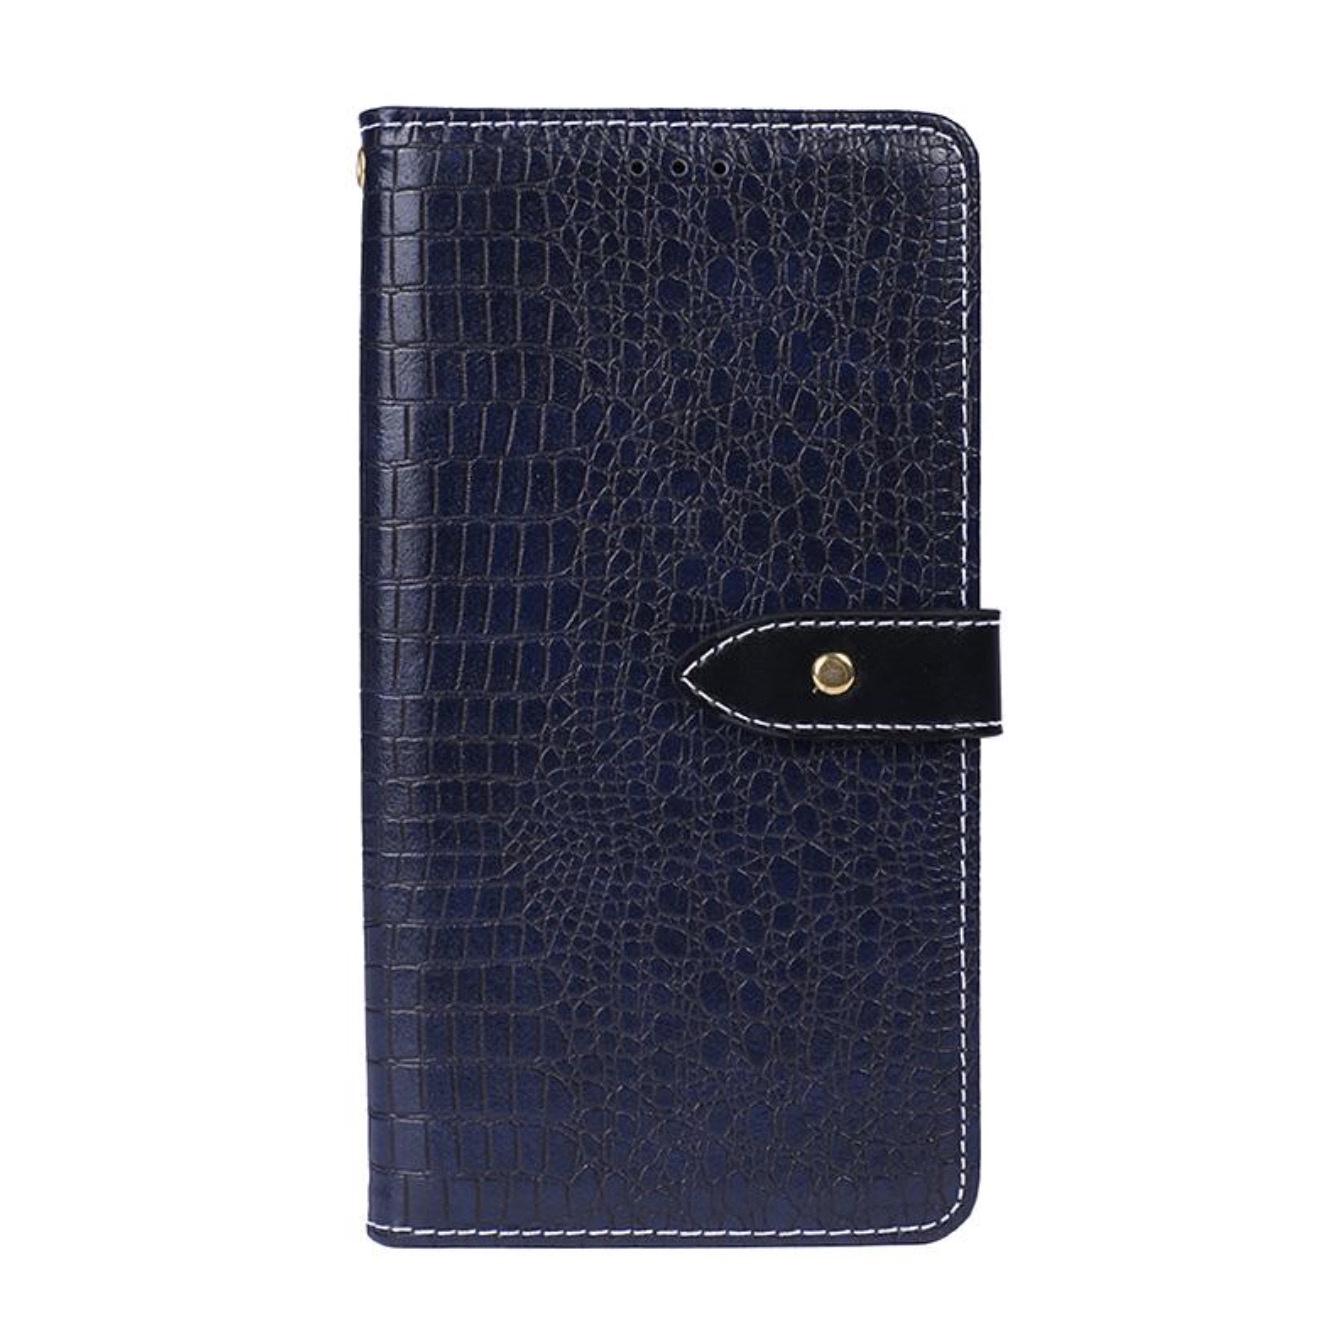 Чехол-книжка MyPads для Samsung Galaxy J4+ plus 2018 (SM-J415F) с фактурной прошивкой рельефа кожи крокодила с застежкой и визитницей синий